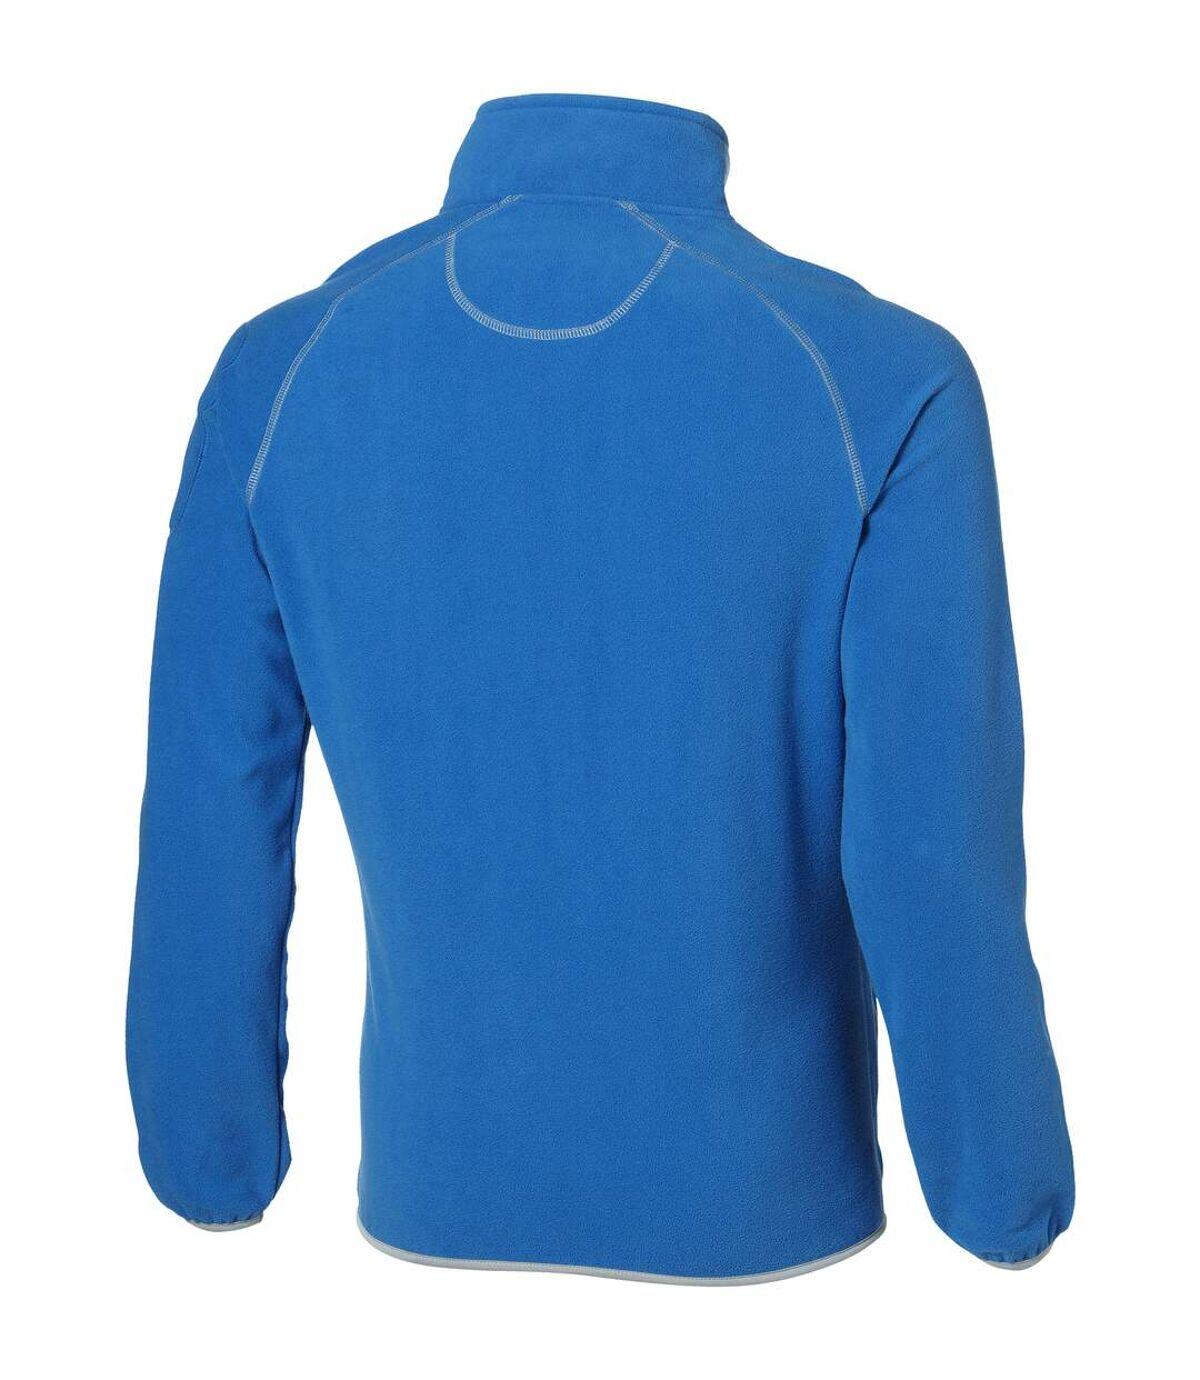 Slazenger - Veste polaire DROP SHOT - Homme (Bleu) - UTPF1795